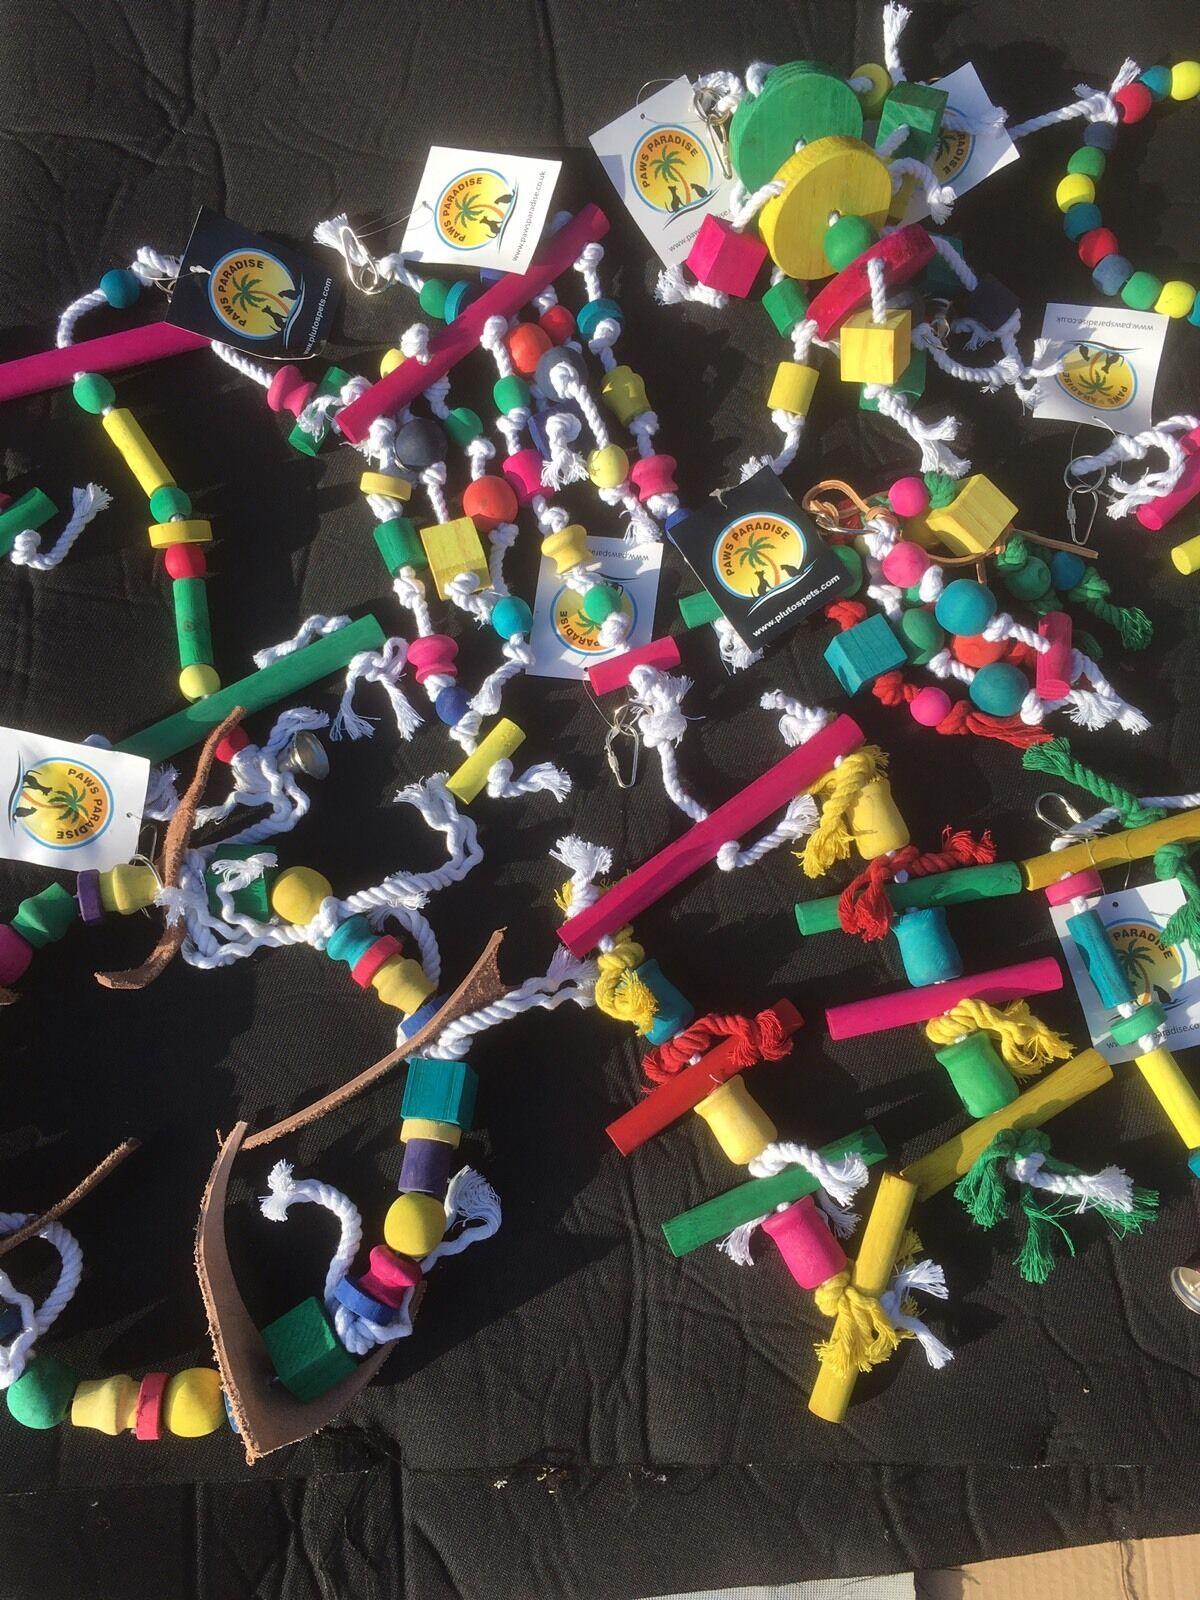 caldo Parrot e BIRD Toys-buon assortimento X100 X100 X100  migliore qualità